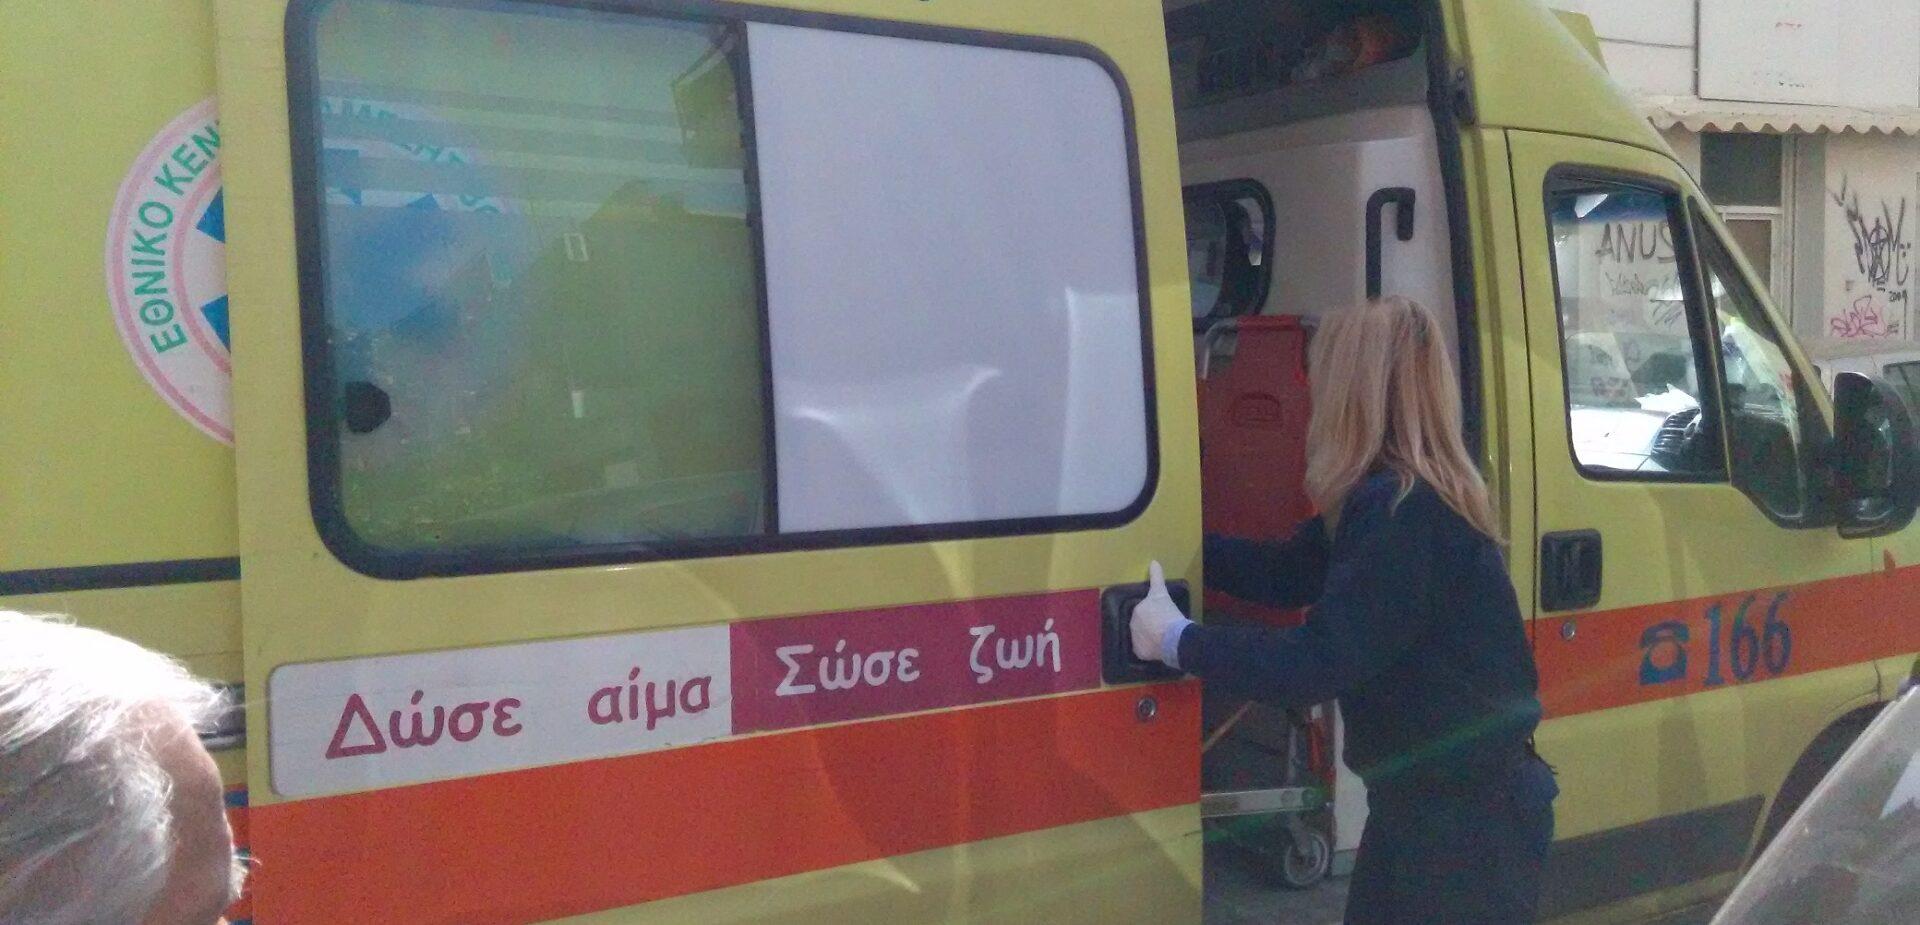 Σοβαρό ατύχημα 27χρονου ενώ ξεφόρτωνε καυσόξυλα στη Νεάπολη